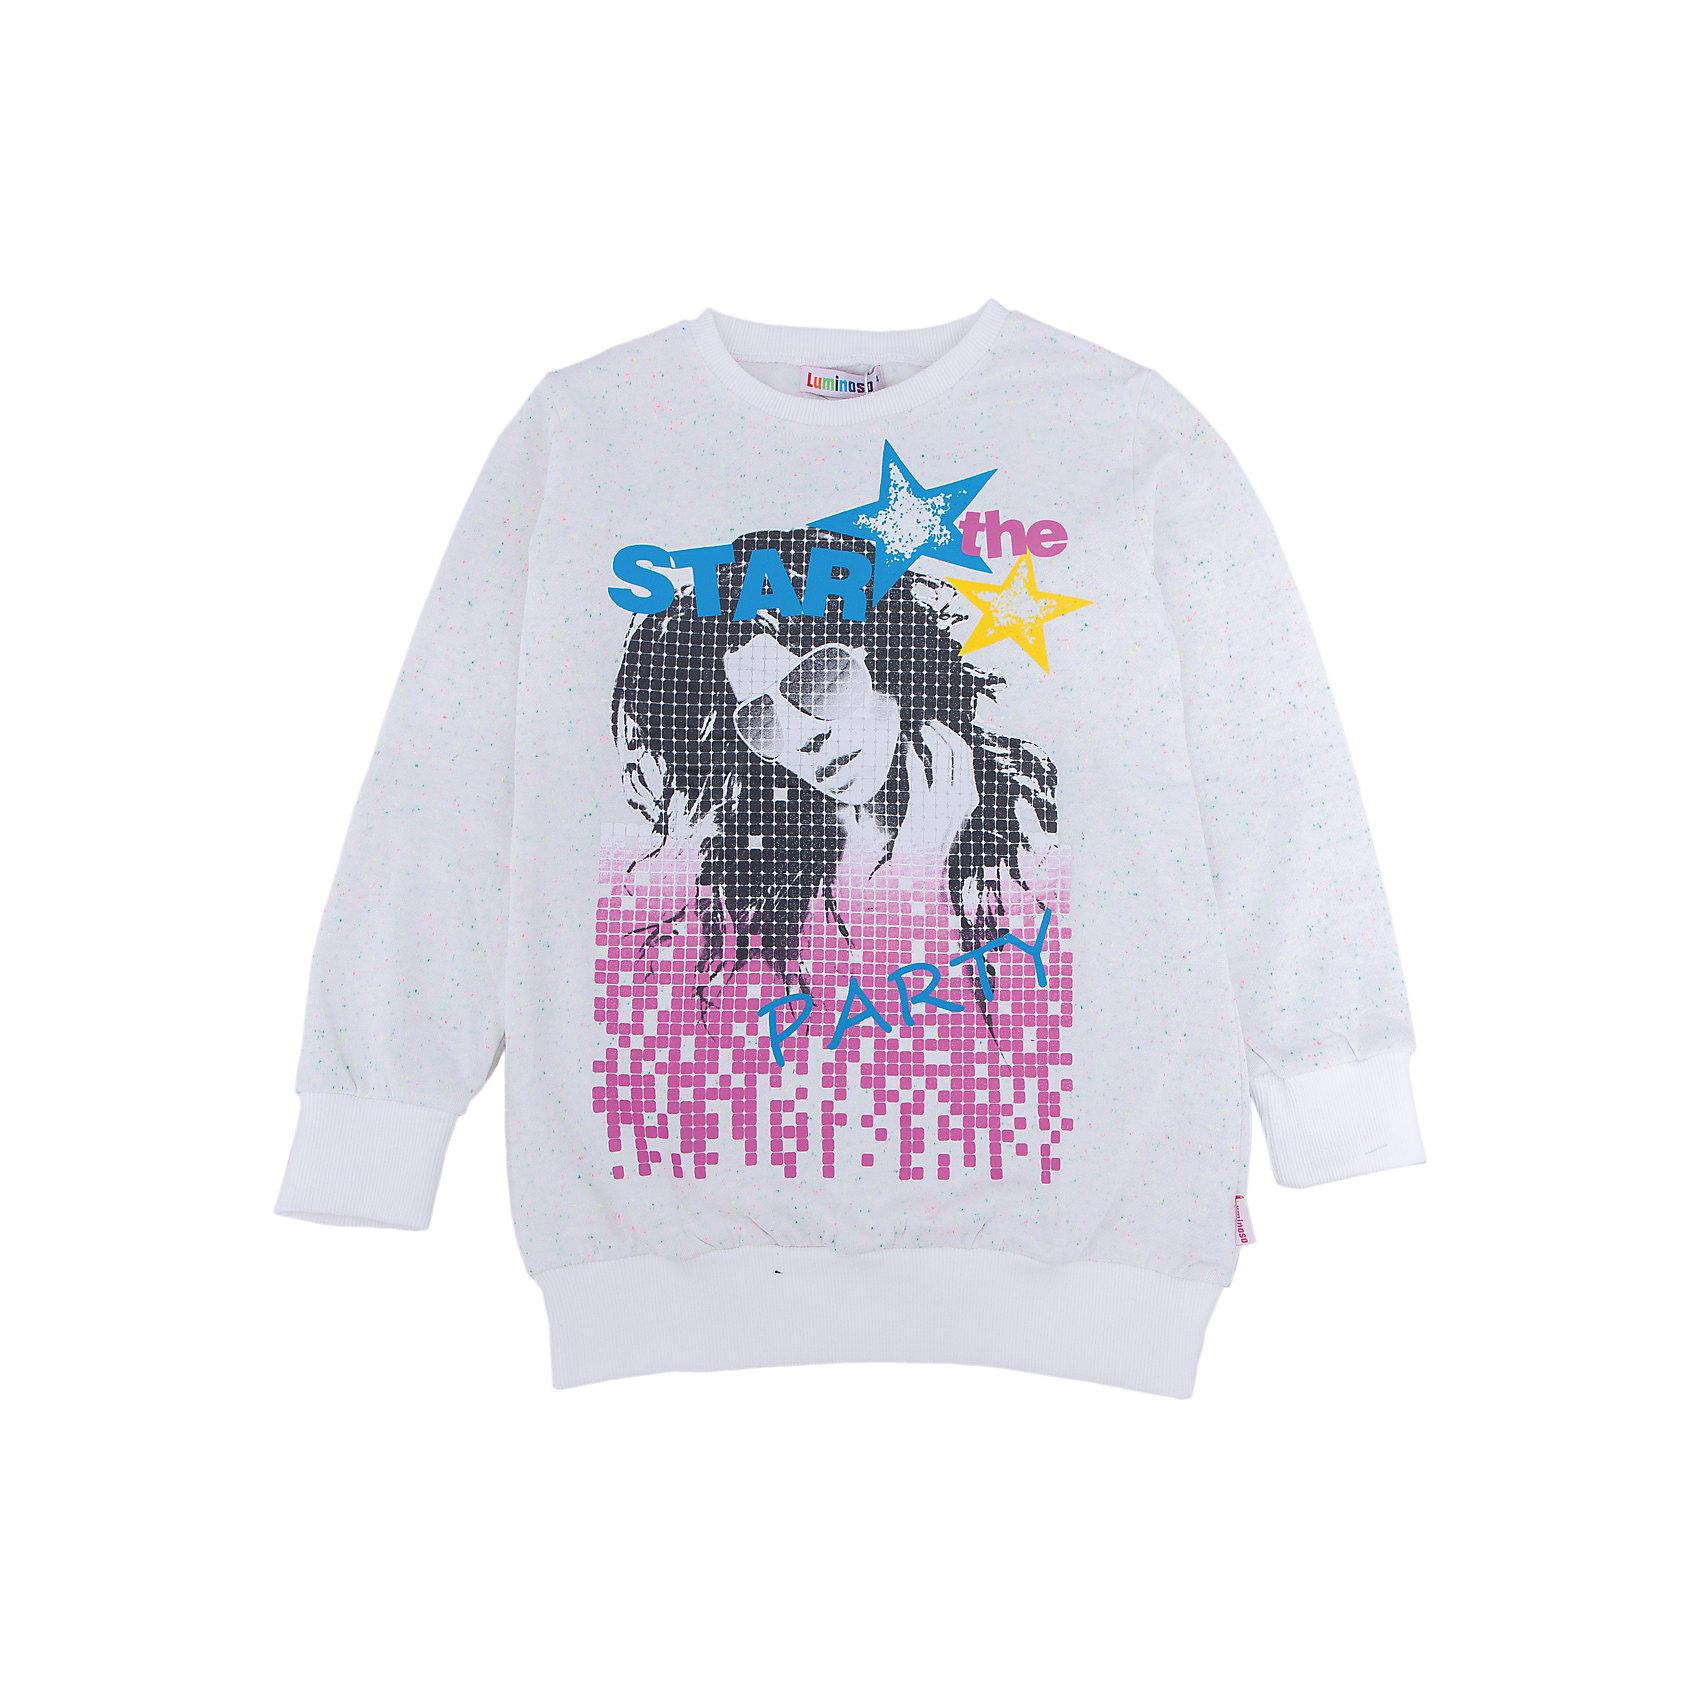 Толстовка для девочки LuminosoТолстовки<br>Характеристики товара:<br><br>- цвет: белый;<br>- материал: 80% хлопок, 20% полиэстер;<br>- удлиненная;<br>- длинный рукав;<br>- принт.<br><br>Стильная одежда от бренда Luminoso (Люминосо), созданная при участии итальянских дизайнеров, учитывает потребности подростков и последние веяния моды. Она удобная и модная.<br>Эта стильная толстовка идеальна для прохладной погоды. Он хорошо сидит на ребенке, обеспечивает комфорт и отлично сочетается с одежной разных стилей. Модель отличается высоким качеством материала и продуманным дизайном.<br><br>Толстовку для девочки от бренда Luminoso (Люминосо) можно купить в нашем интернет-магазине.<br><br>Ширина мм: 190<br>Глубина мм: 74<br>Высота мм: 229<br>Вес г: 236<br>Цвет: бежевый<br>Возраст от месяцев: 144<br>Возраст до месяцев: 156<br>Пол: Женский<br>Возраст: Детский<br>Размер: 158,164,134,140,146,152<br>SKU: 4929745